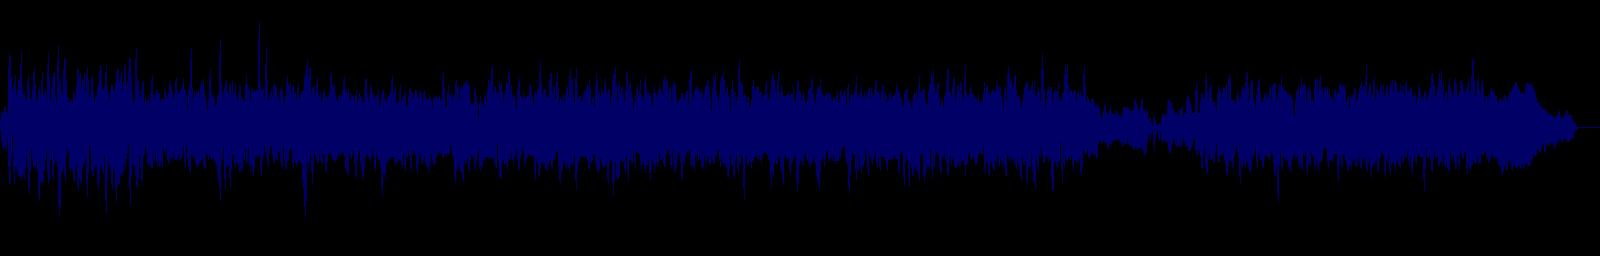 waveform of track #131488